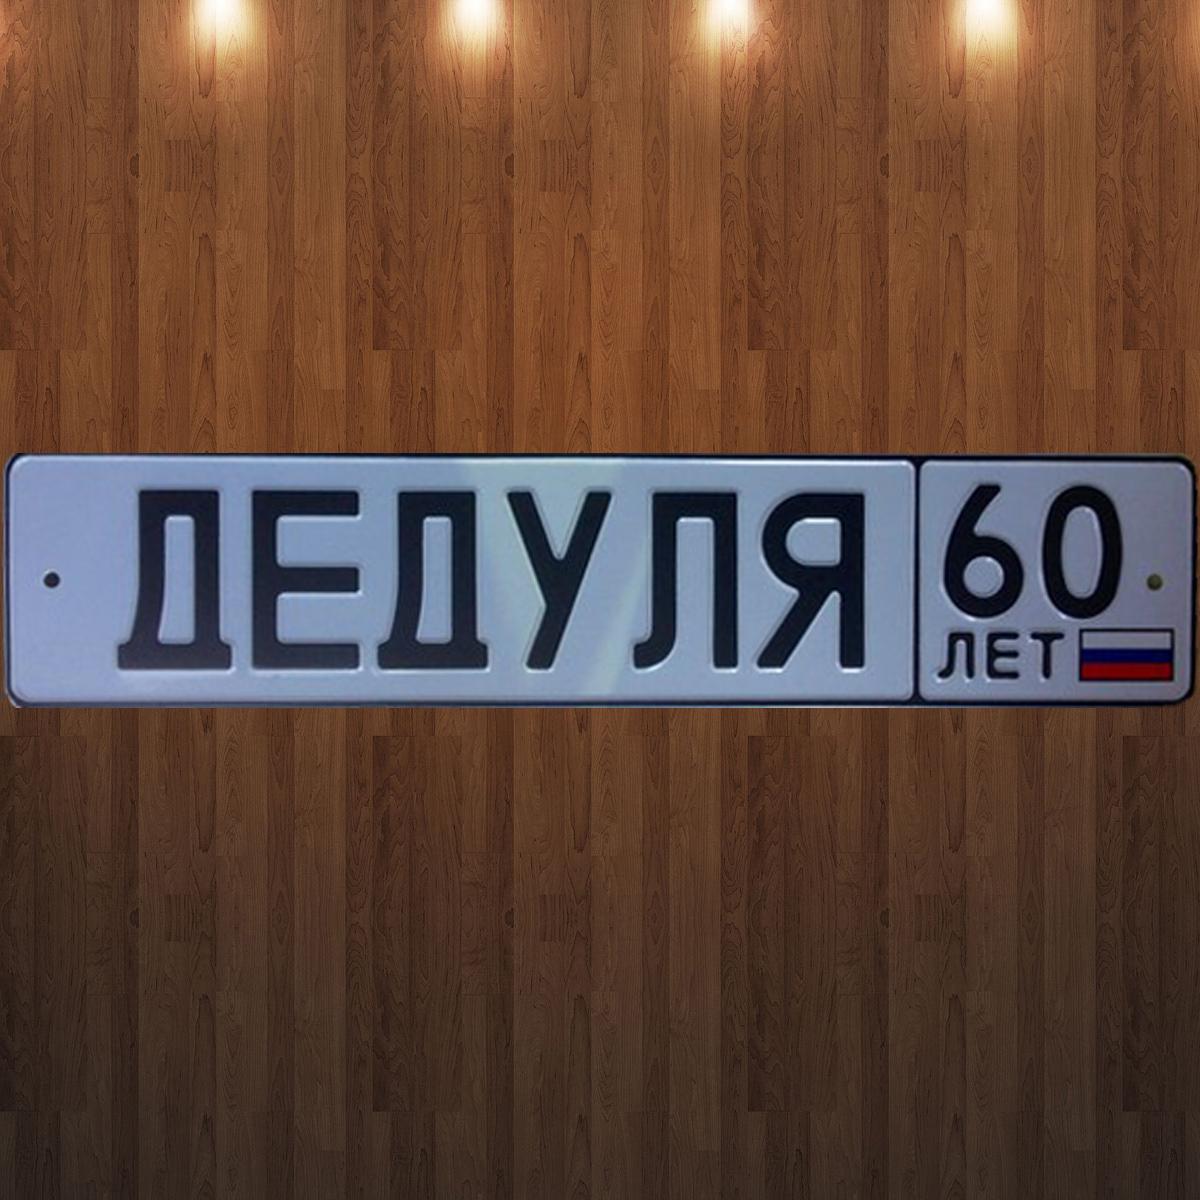 Дедуля 60.jpg